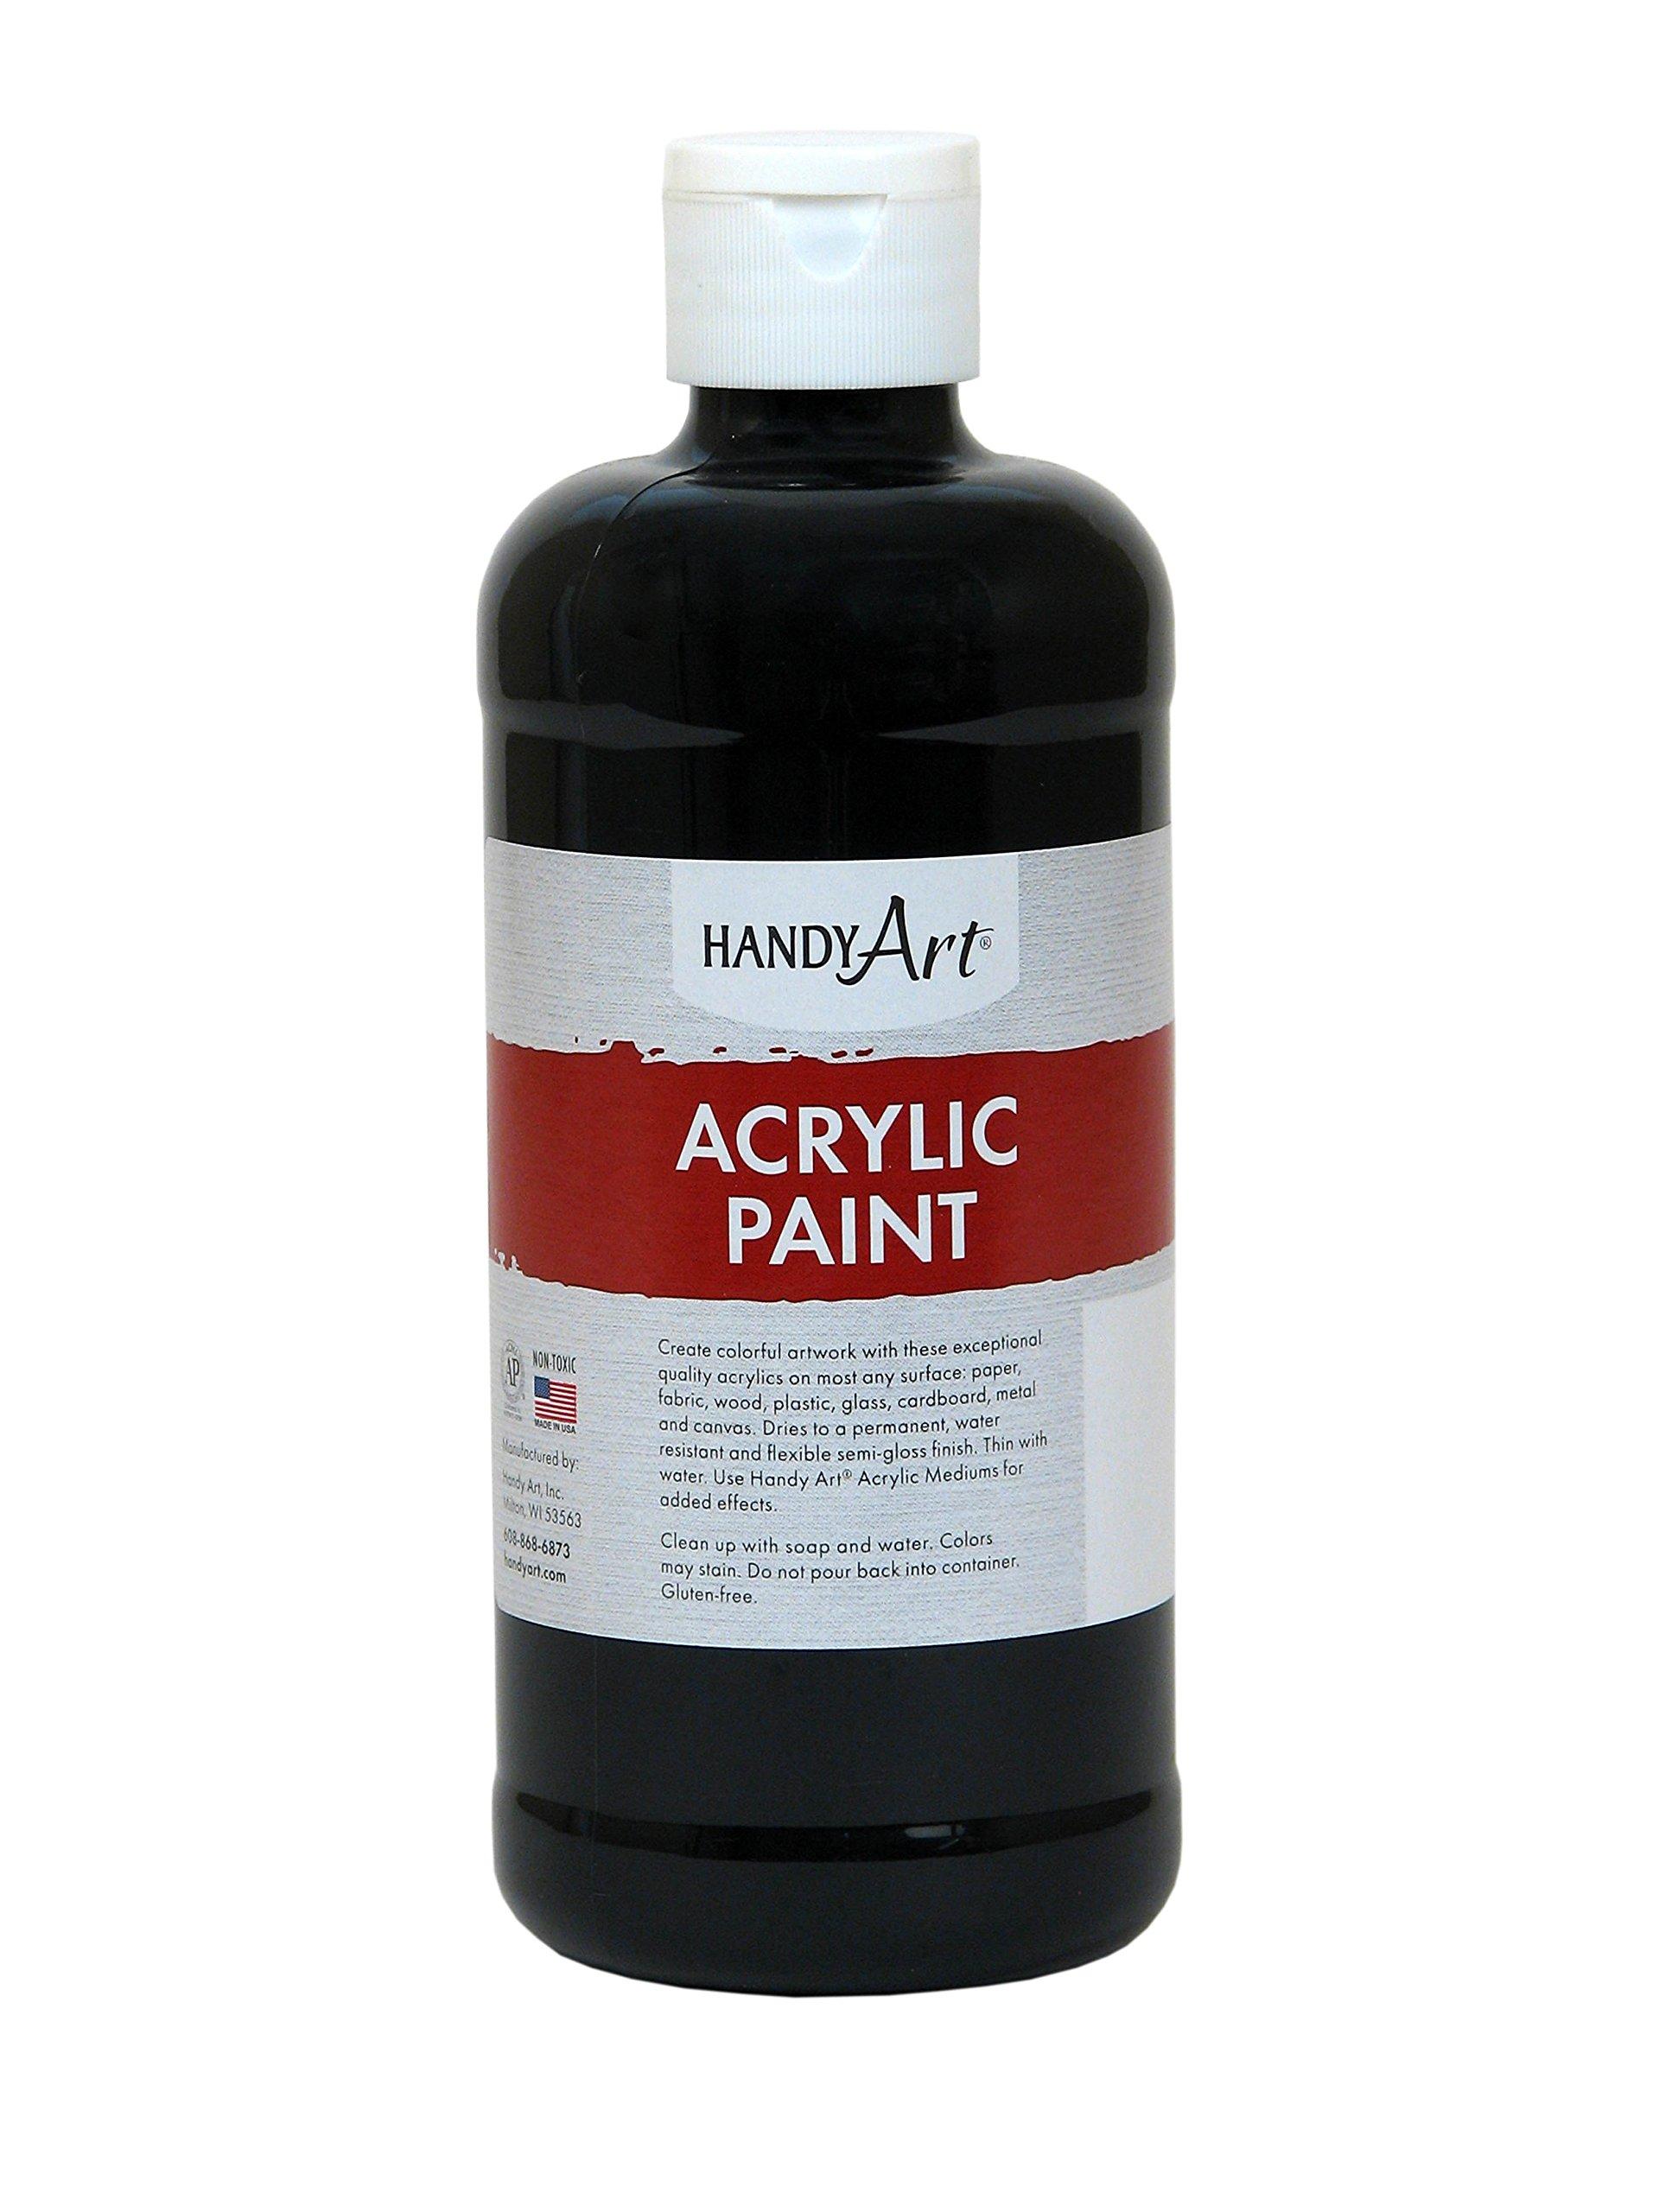 Handy Art Student Acrylic Paint 16 ounce, Mars Black